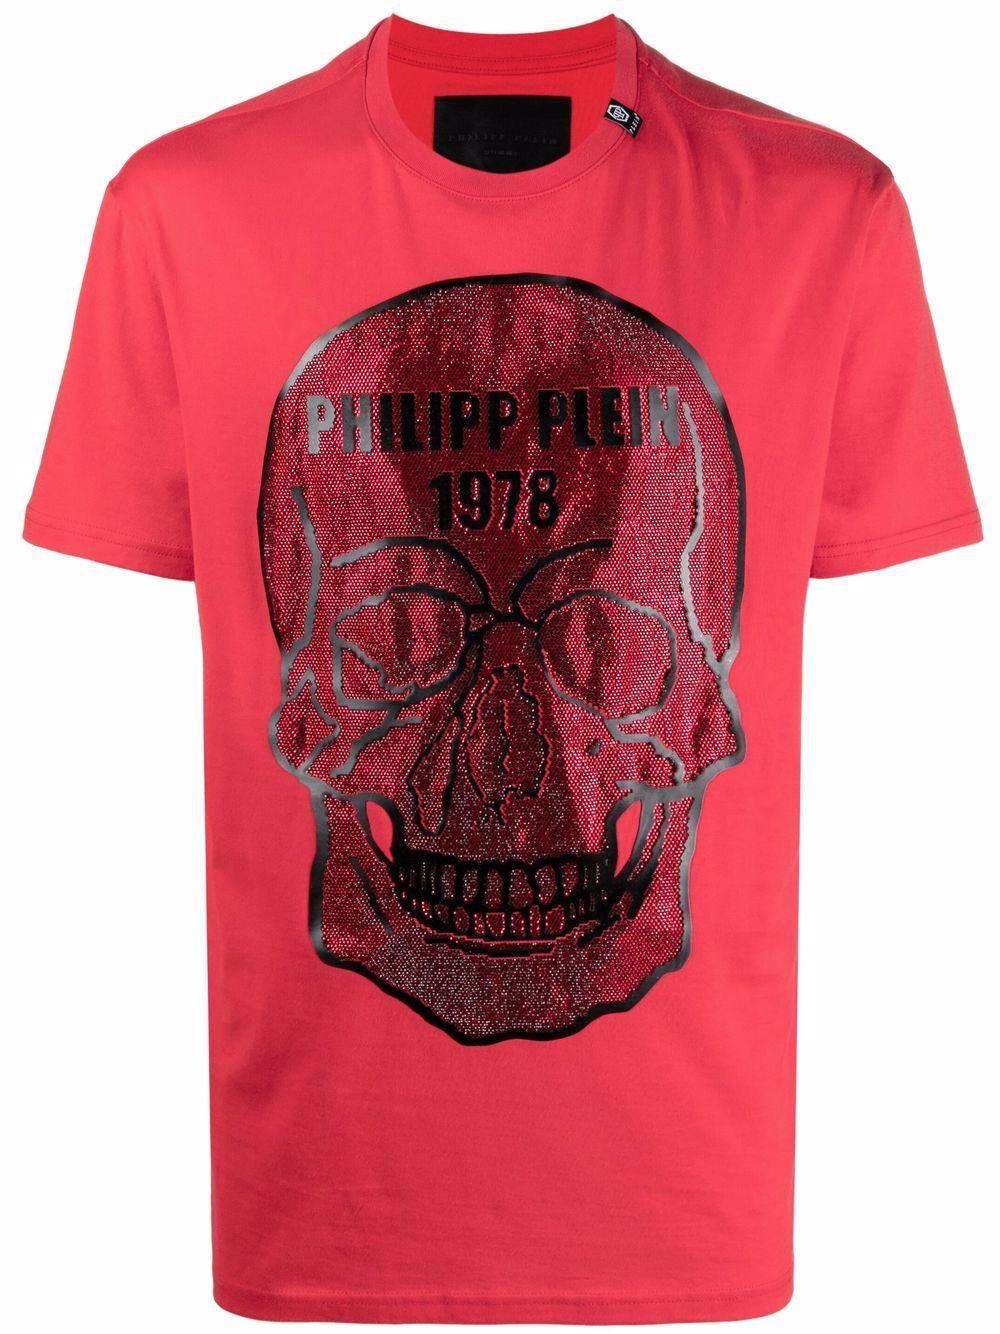 Philipp Plein T-Shirt mit Totenkopf-Applikation - Rot